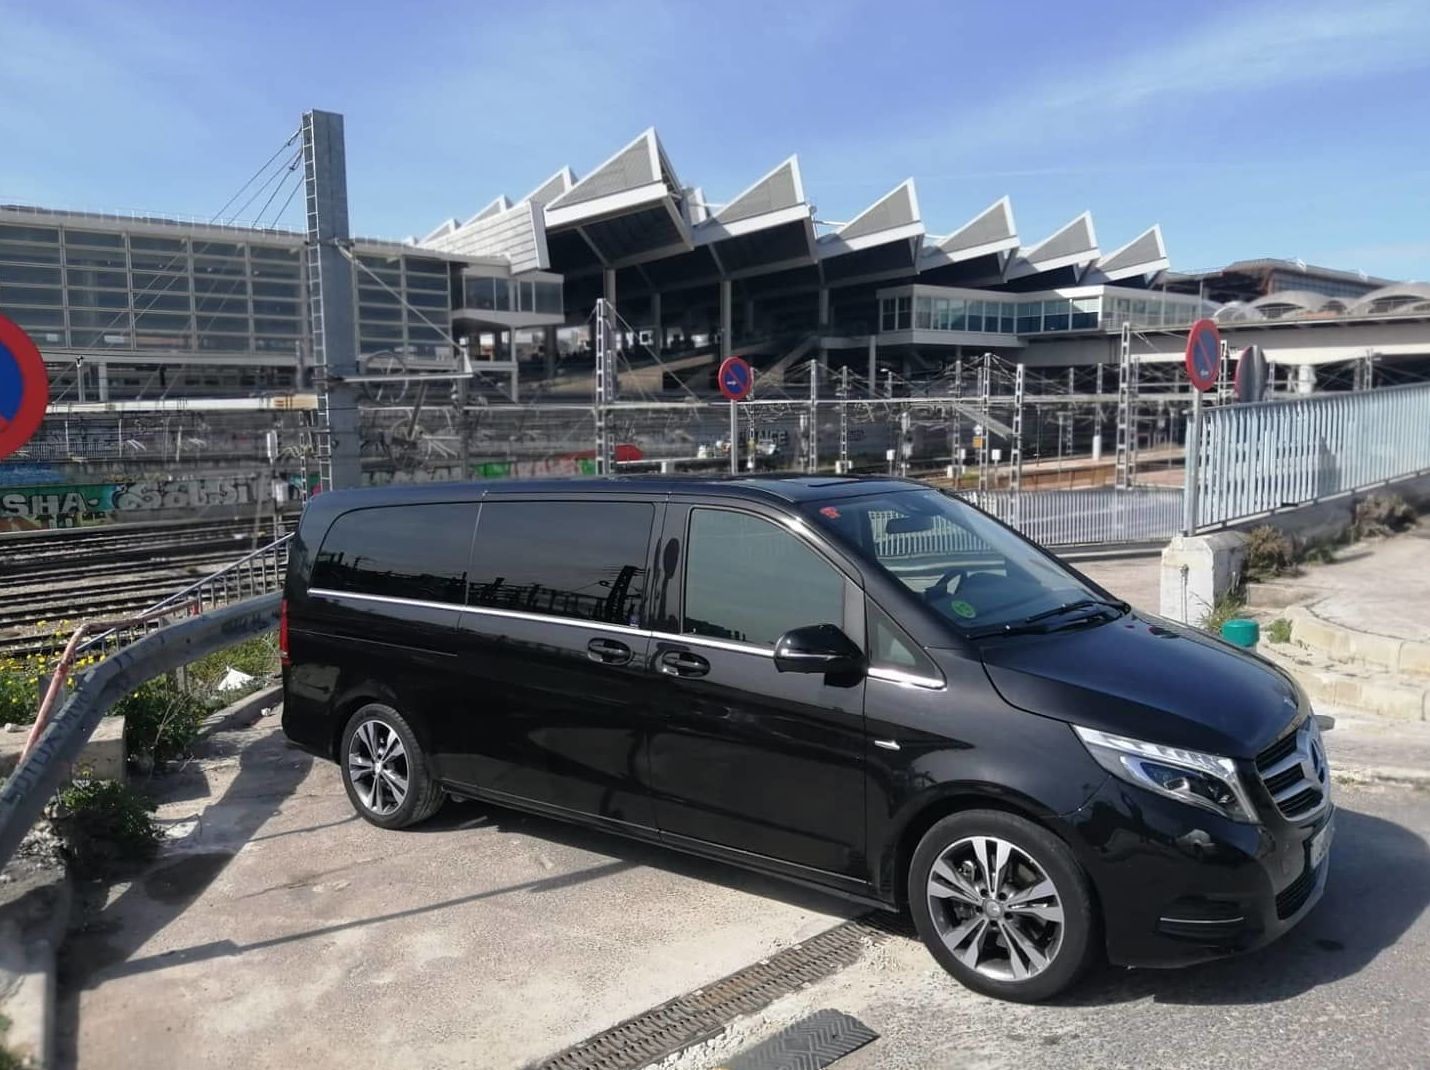 Foto 3 de Alquiler de vehículos con conductor en    Candecar